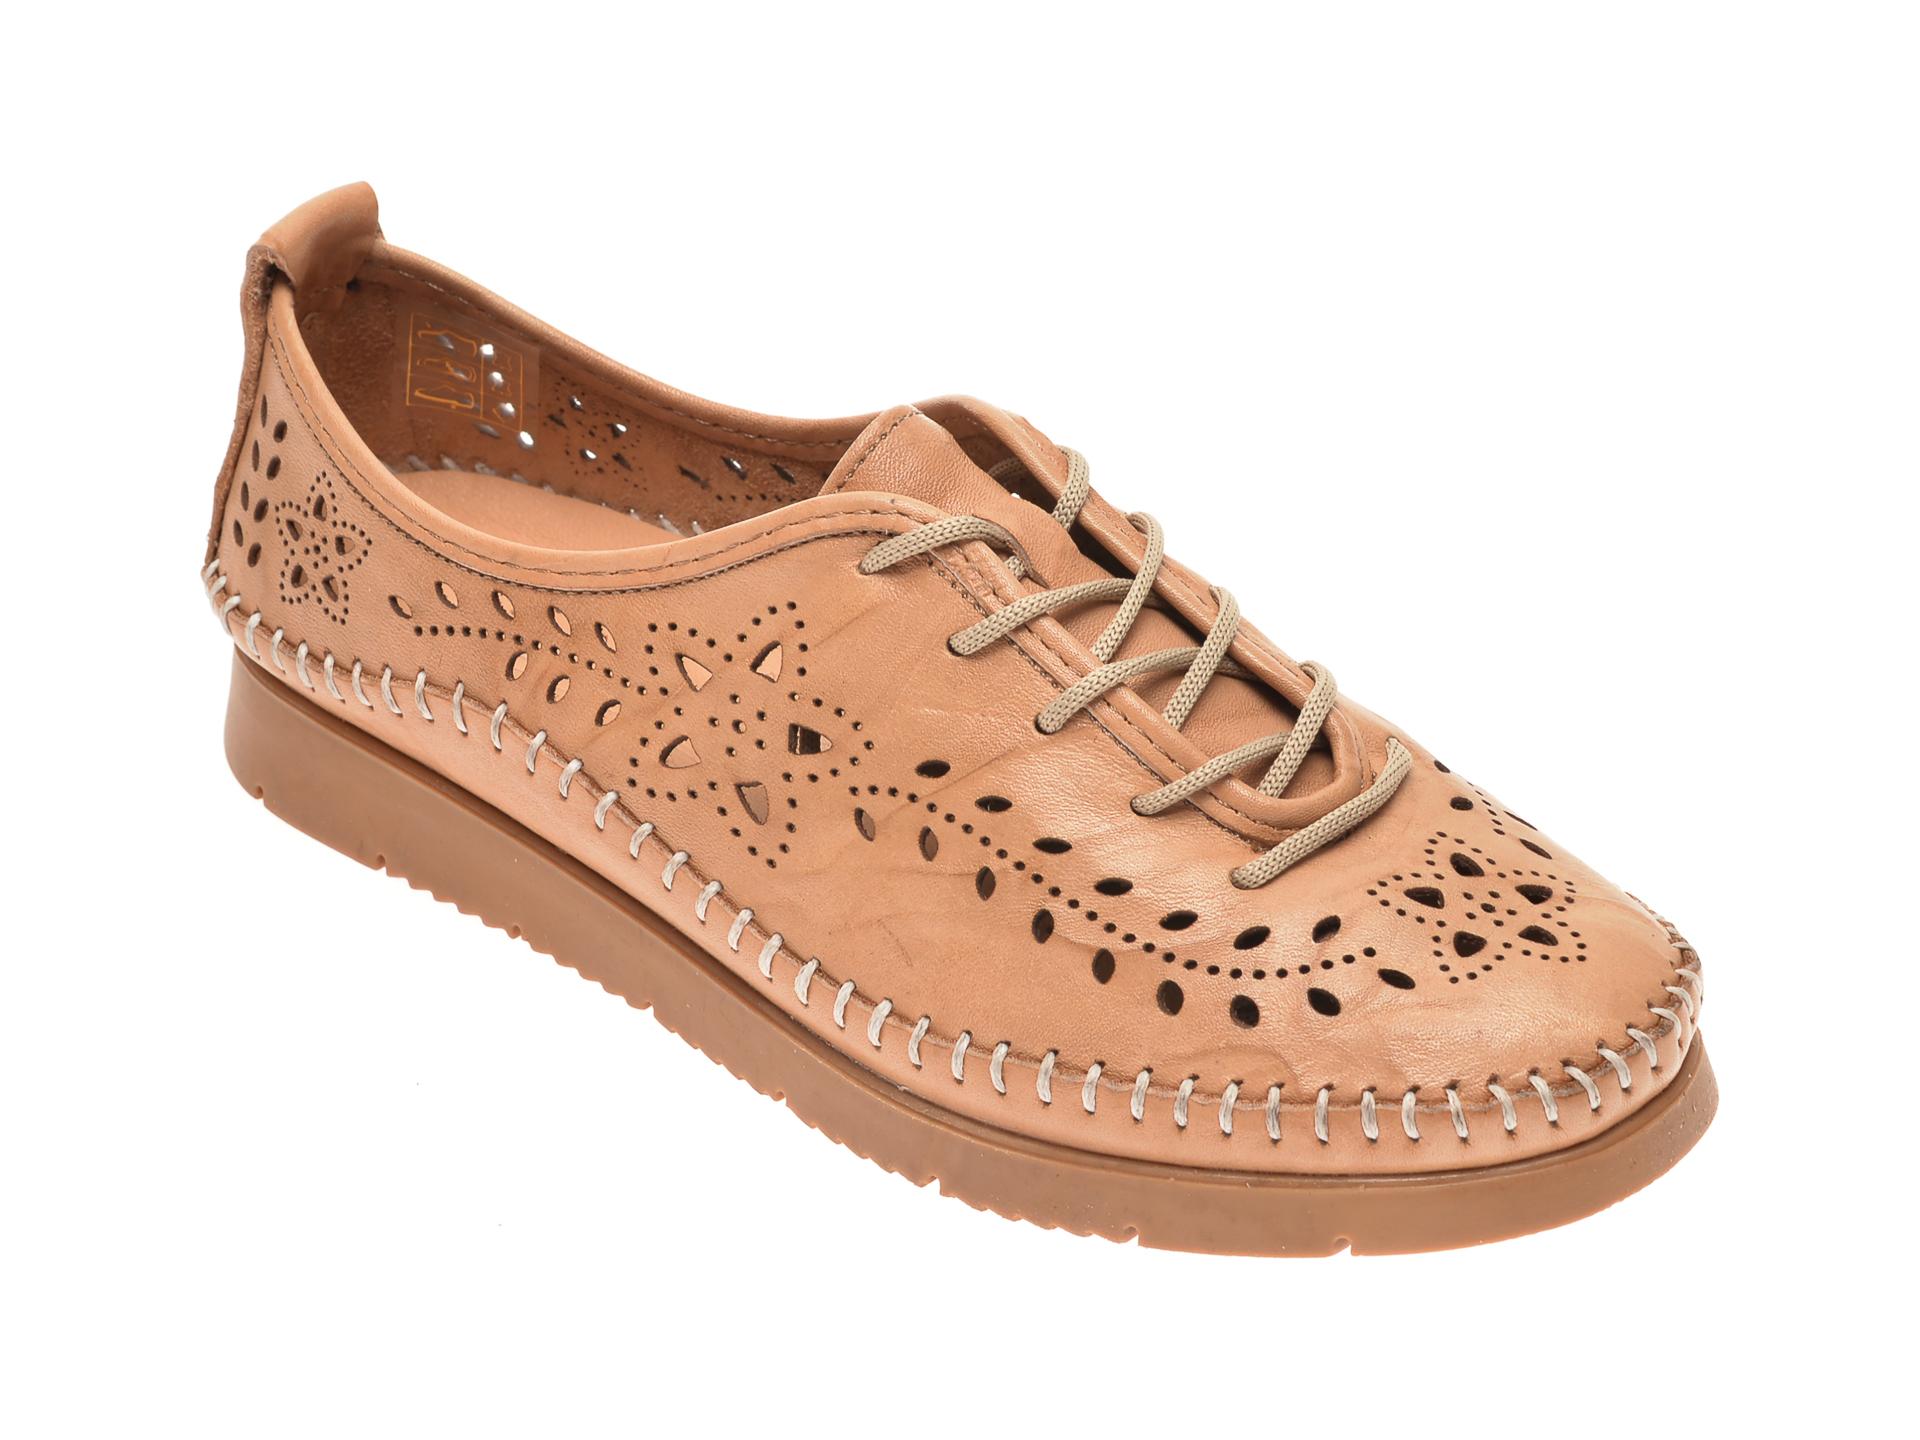 Pantofi PASS COLLECTION bej, 1438, din piele naturala